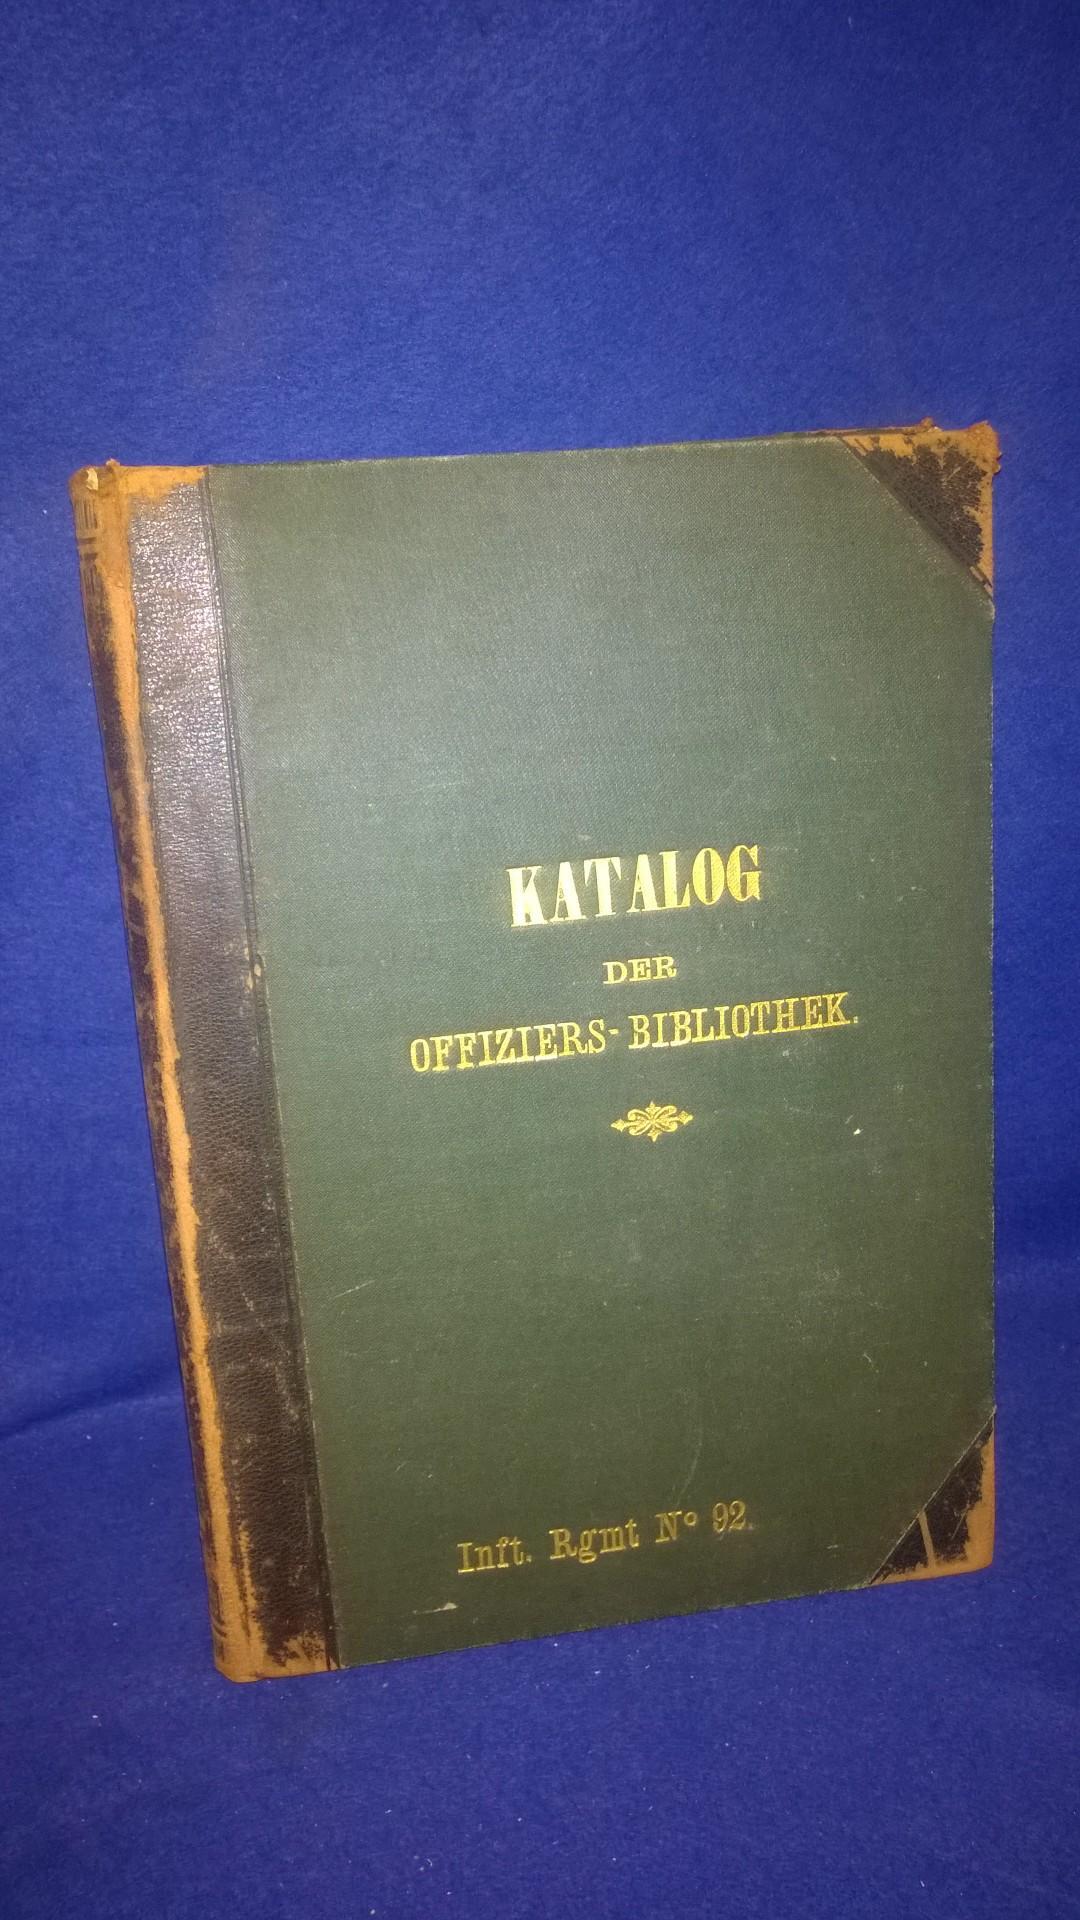 Katalog der Offiziers-Bibliothek des K.K. Infanterie-Regimentes Freiherr von König No.92.